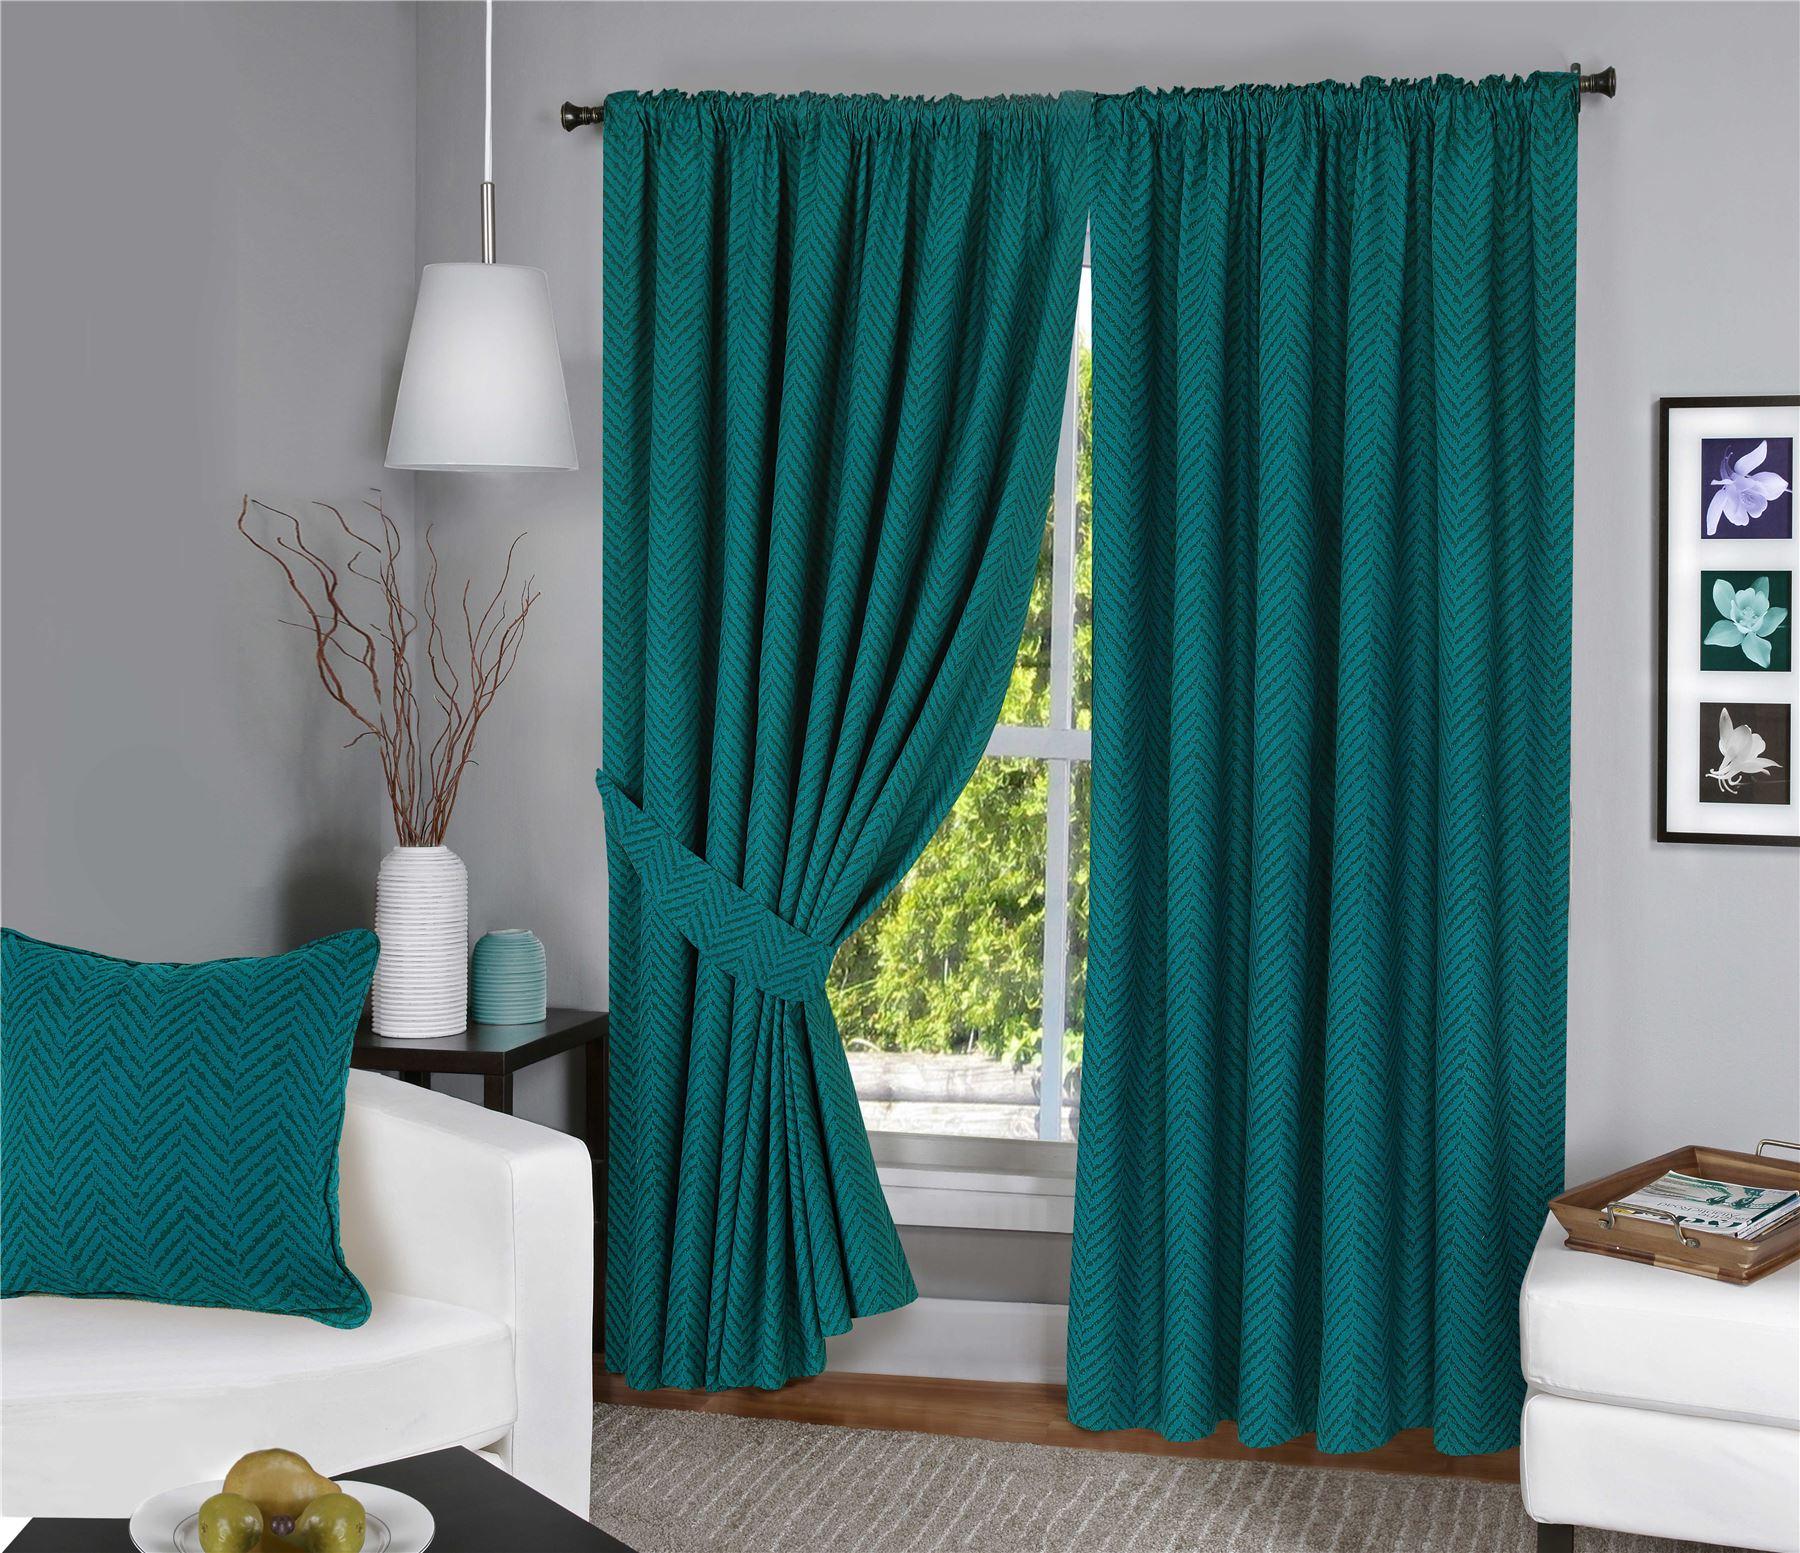 HDN Menaal 100 Cotton Curtains Plum 66x90